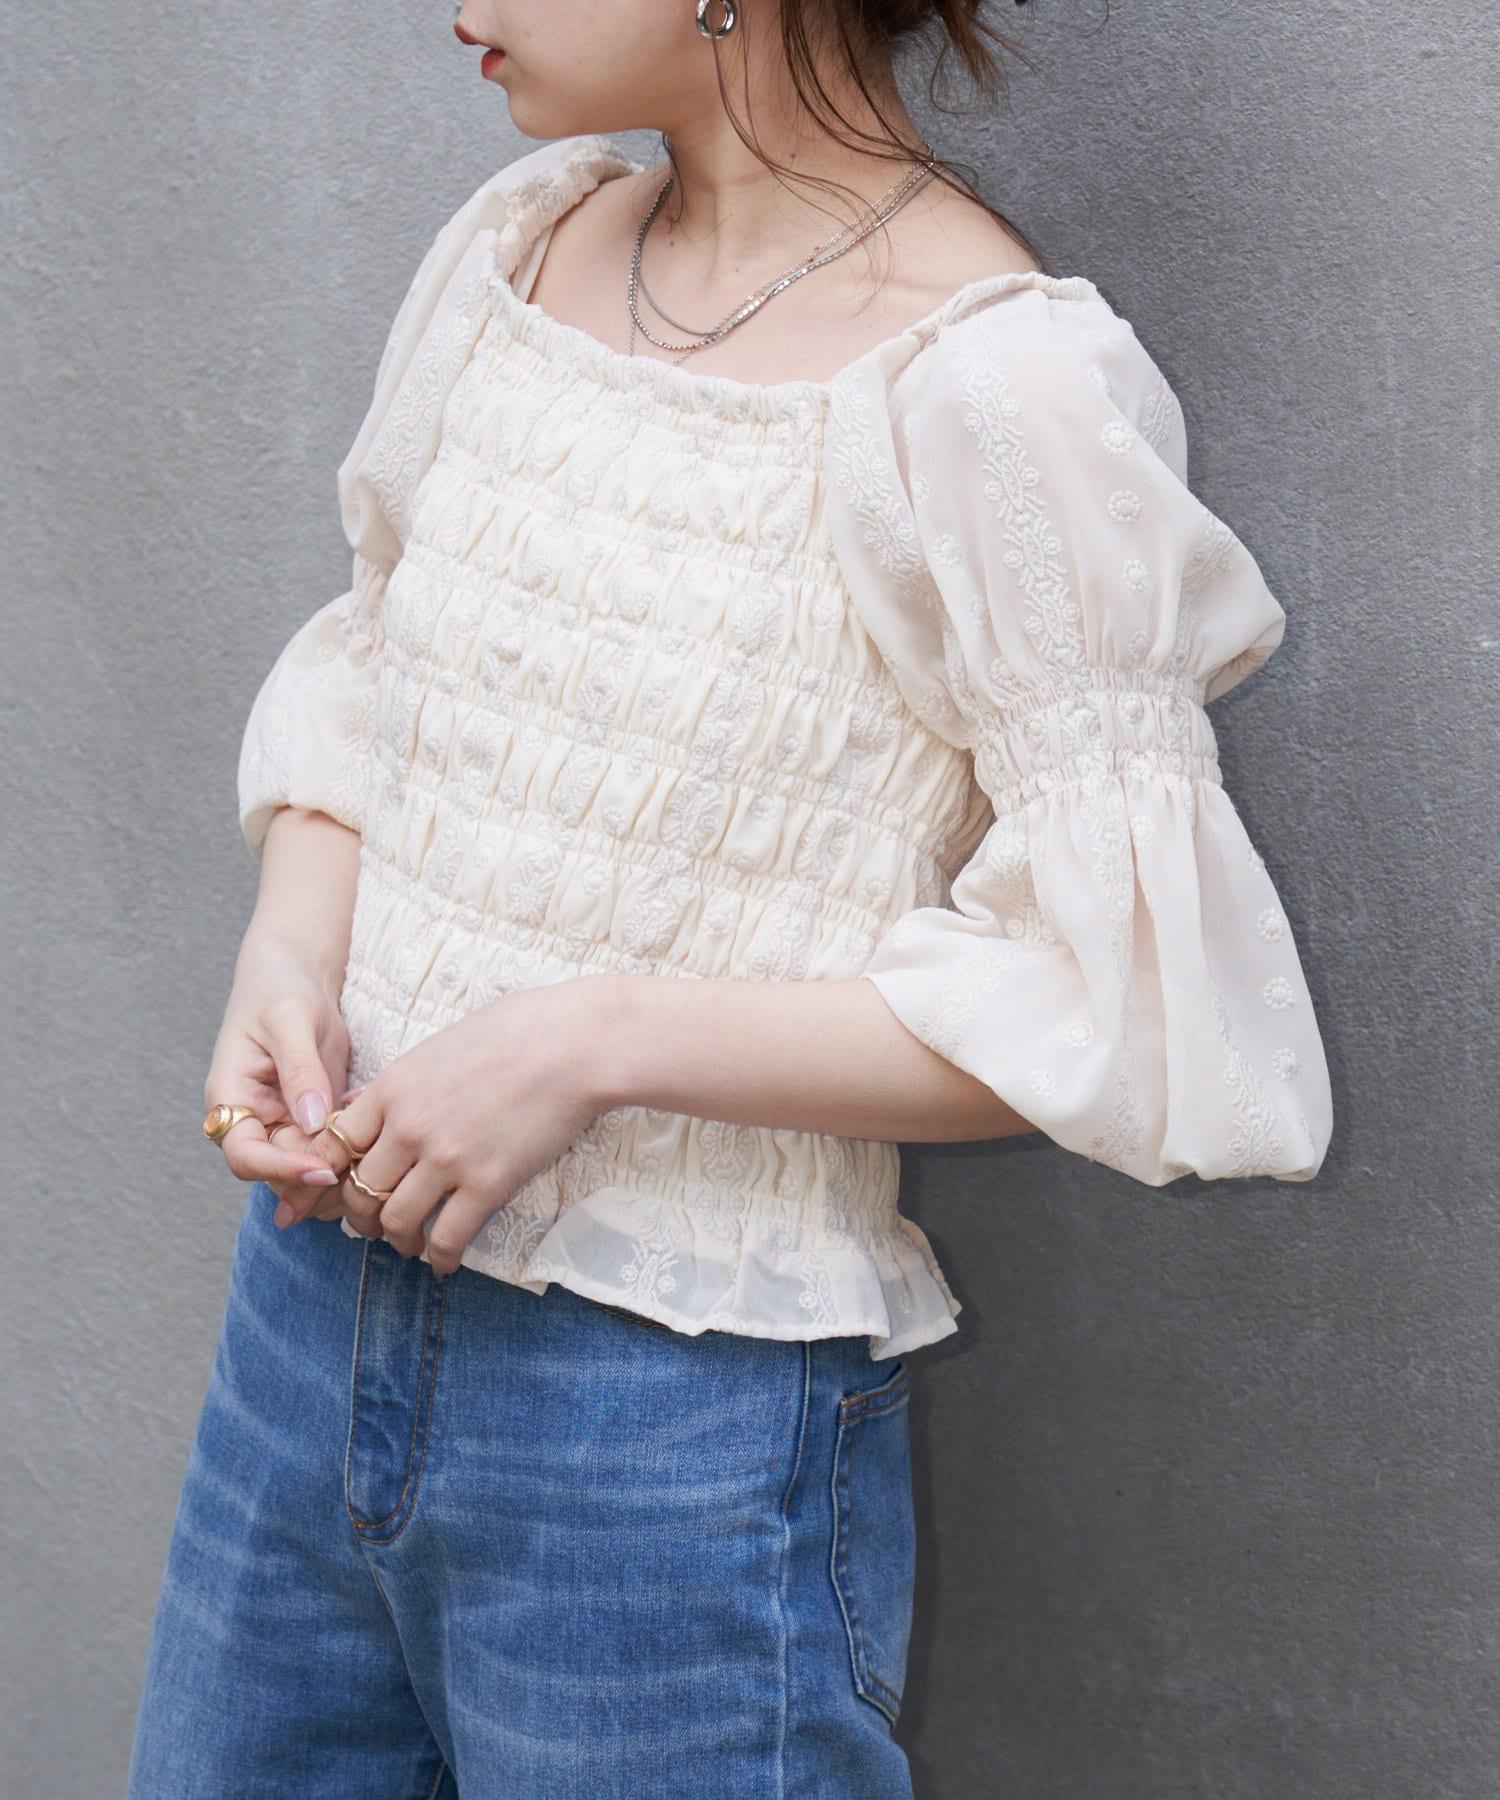 who's who Chico(フーズフーチコ) 5分袖シャーリング刺繍ブラウス